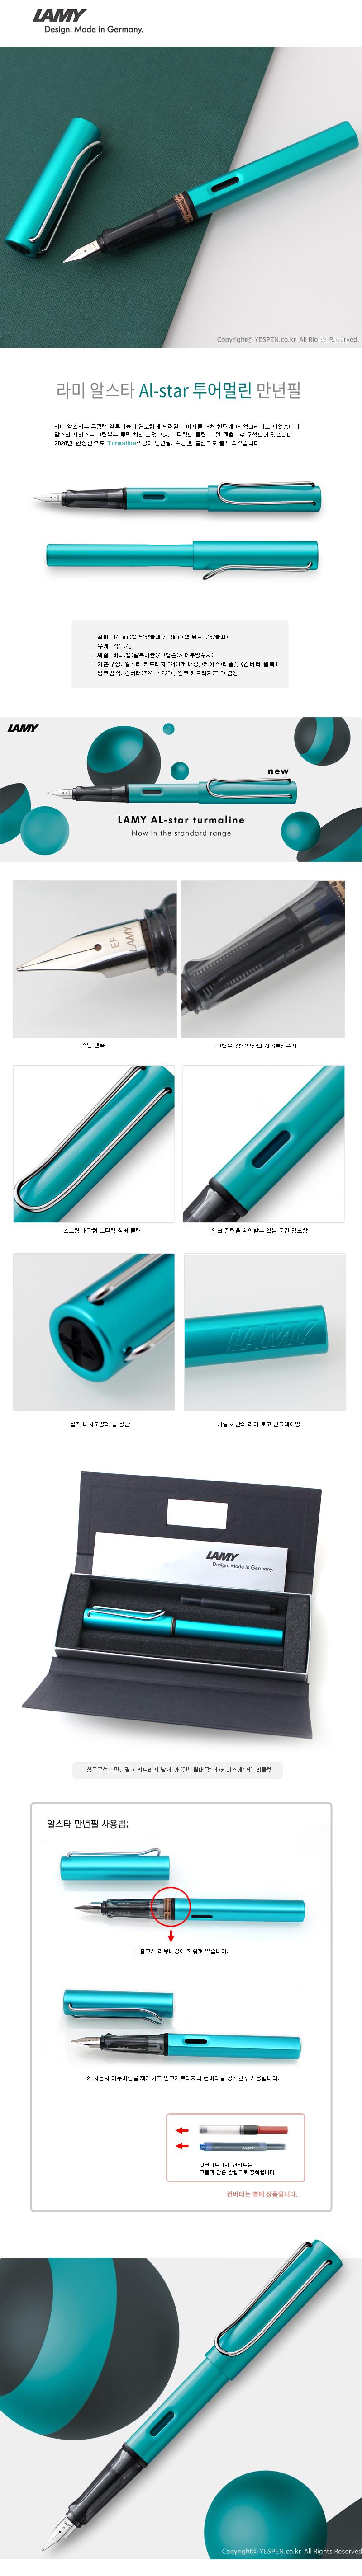 Lamy Al-star Copperorange Fountain Pen, 라미 알스타 만년필